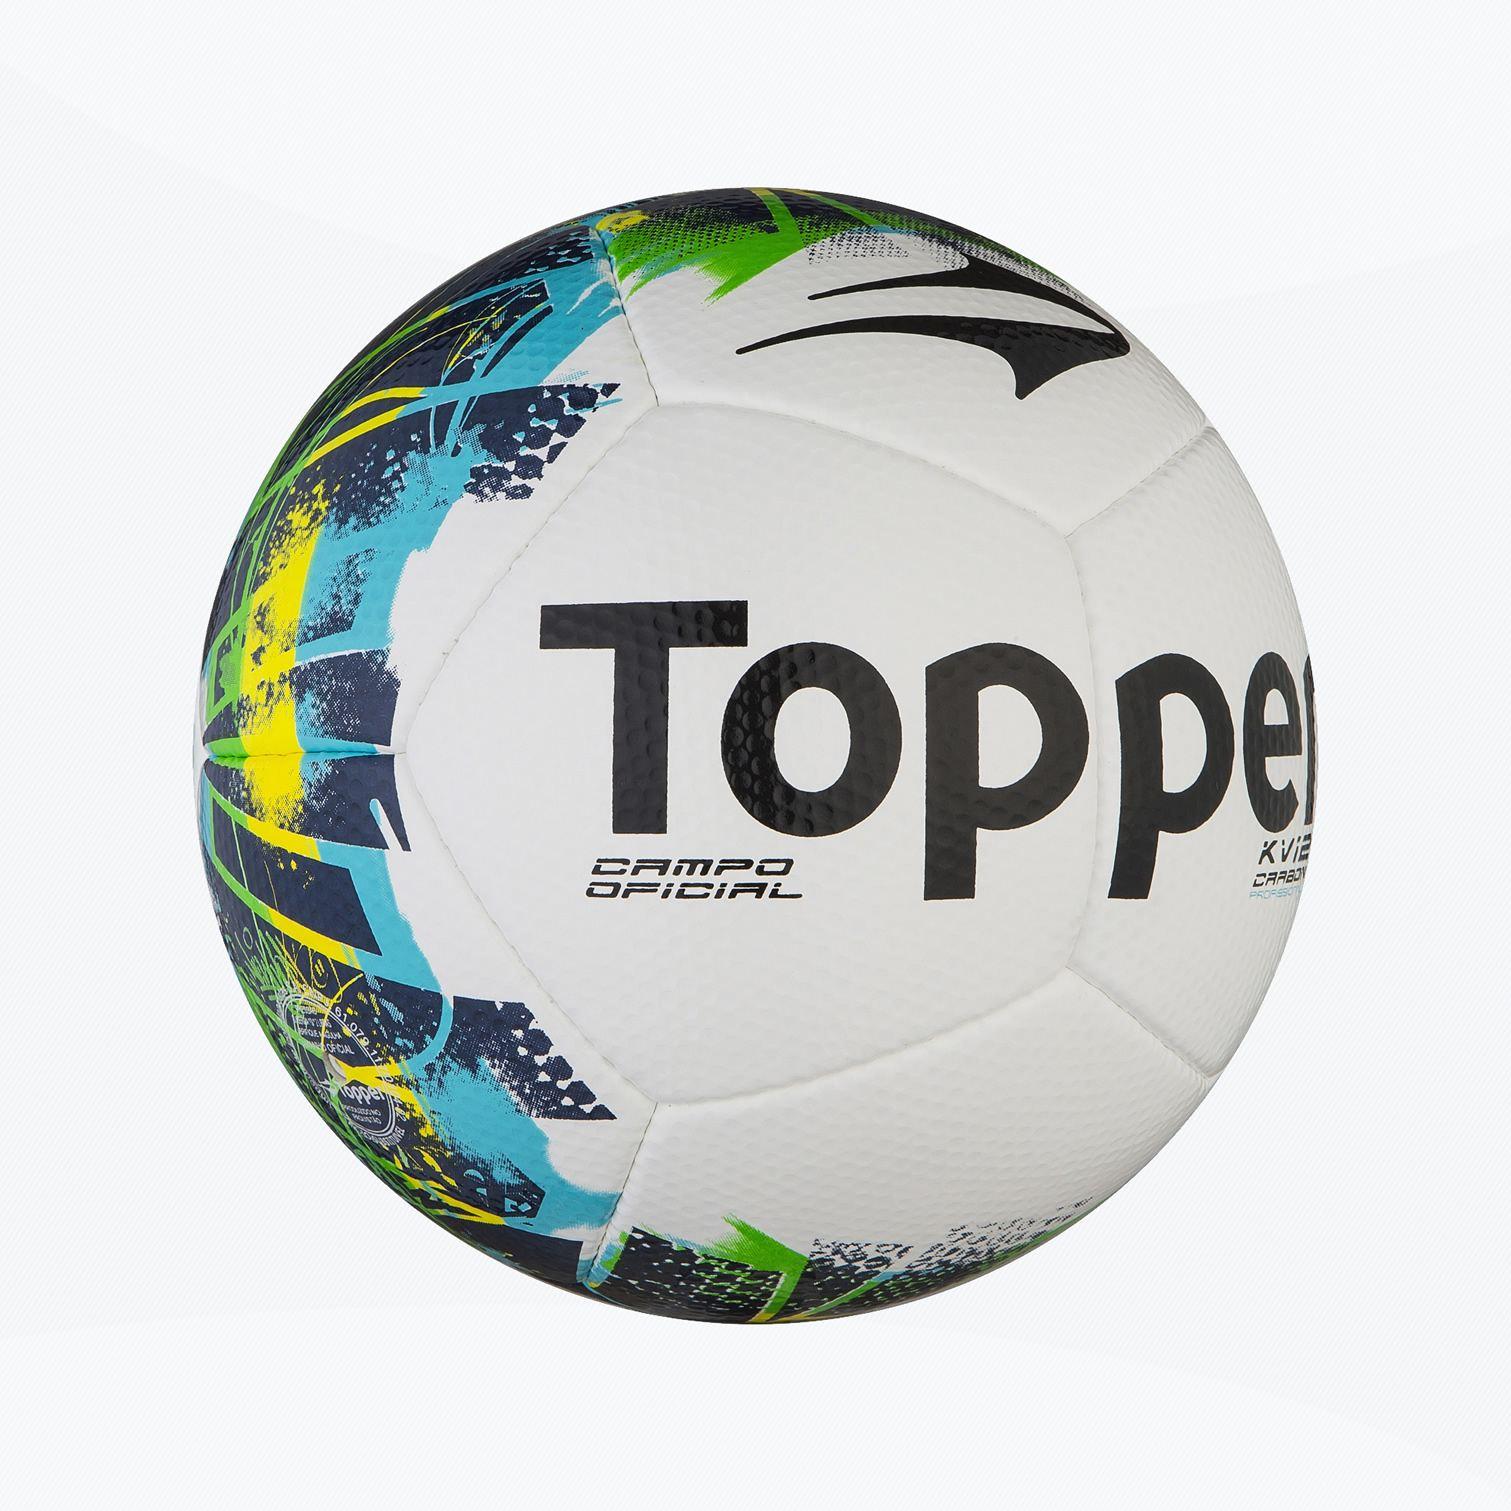 Balón oficial de la Primeira Liga 2017 | Foto Gentileza Topper